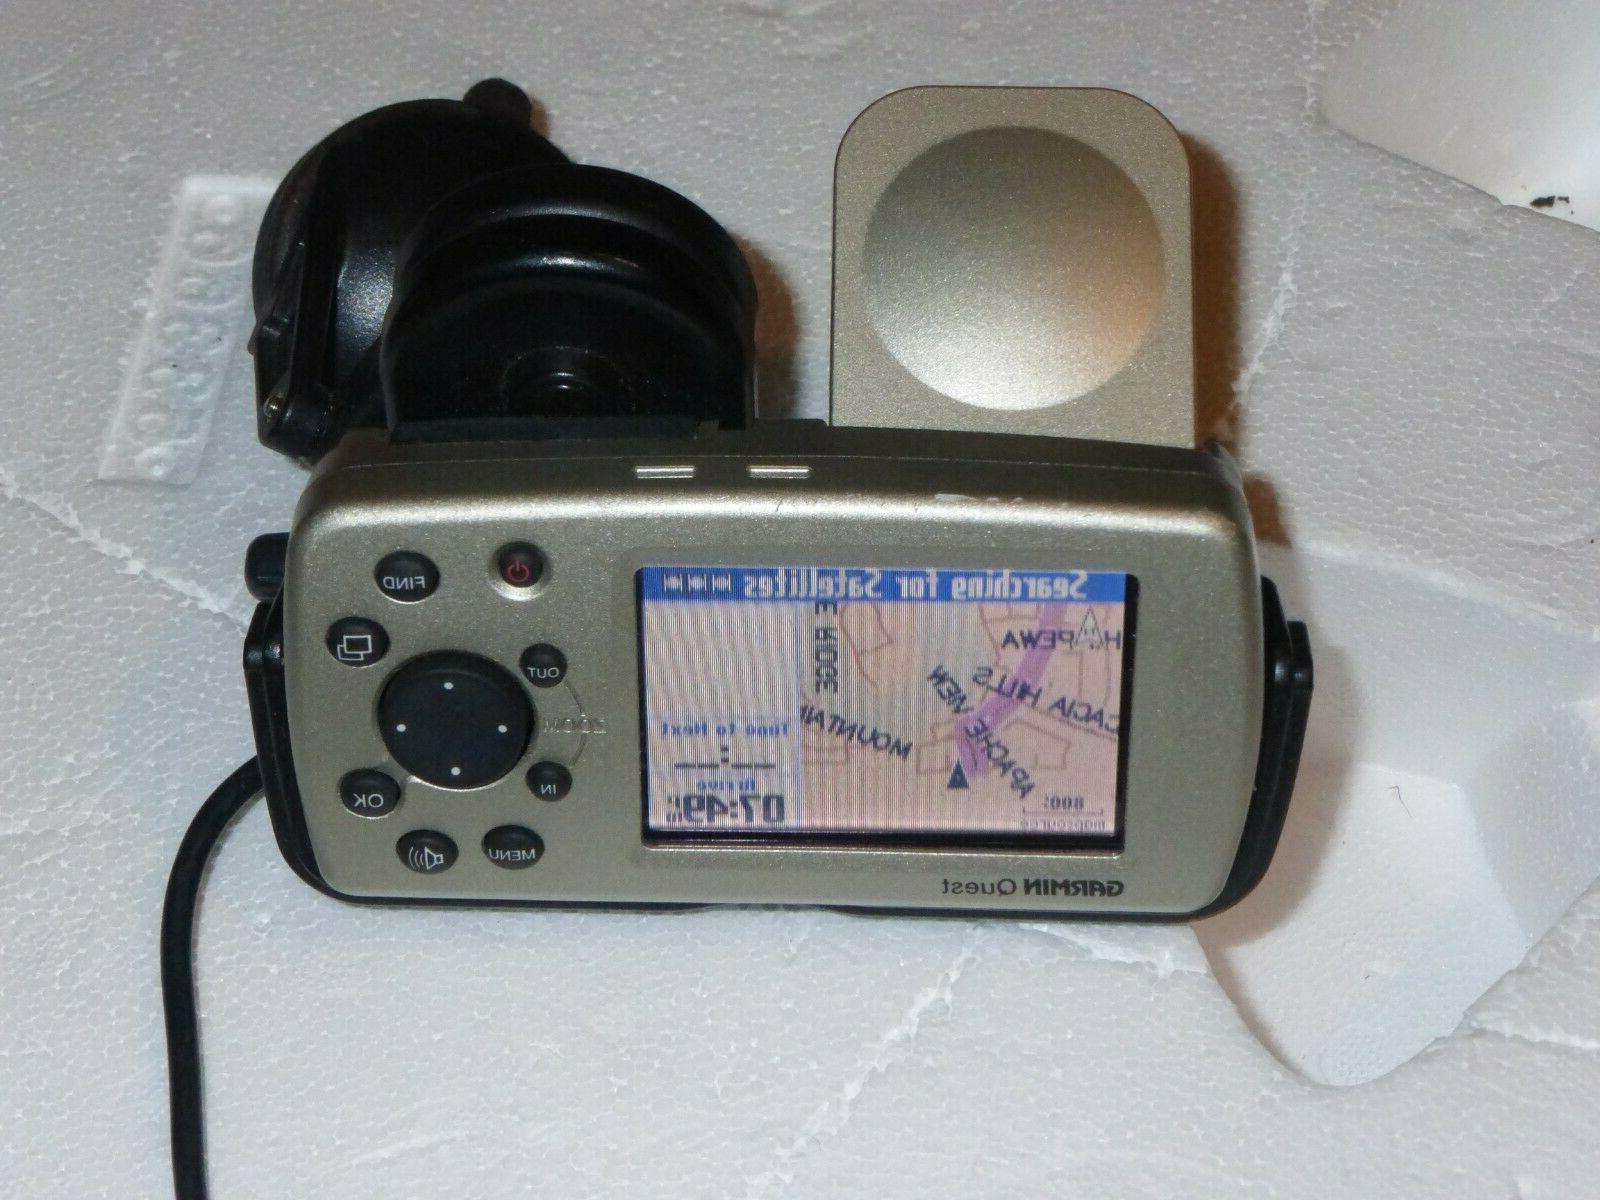 quest handheld gps unit version 2 80